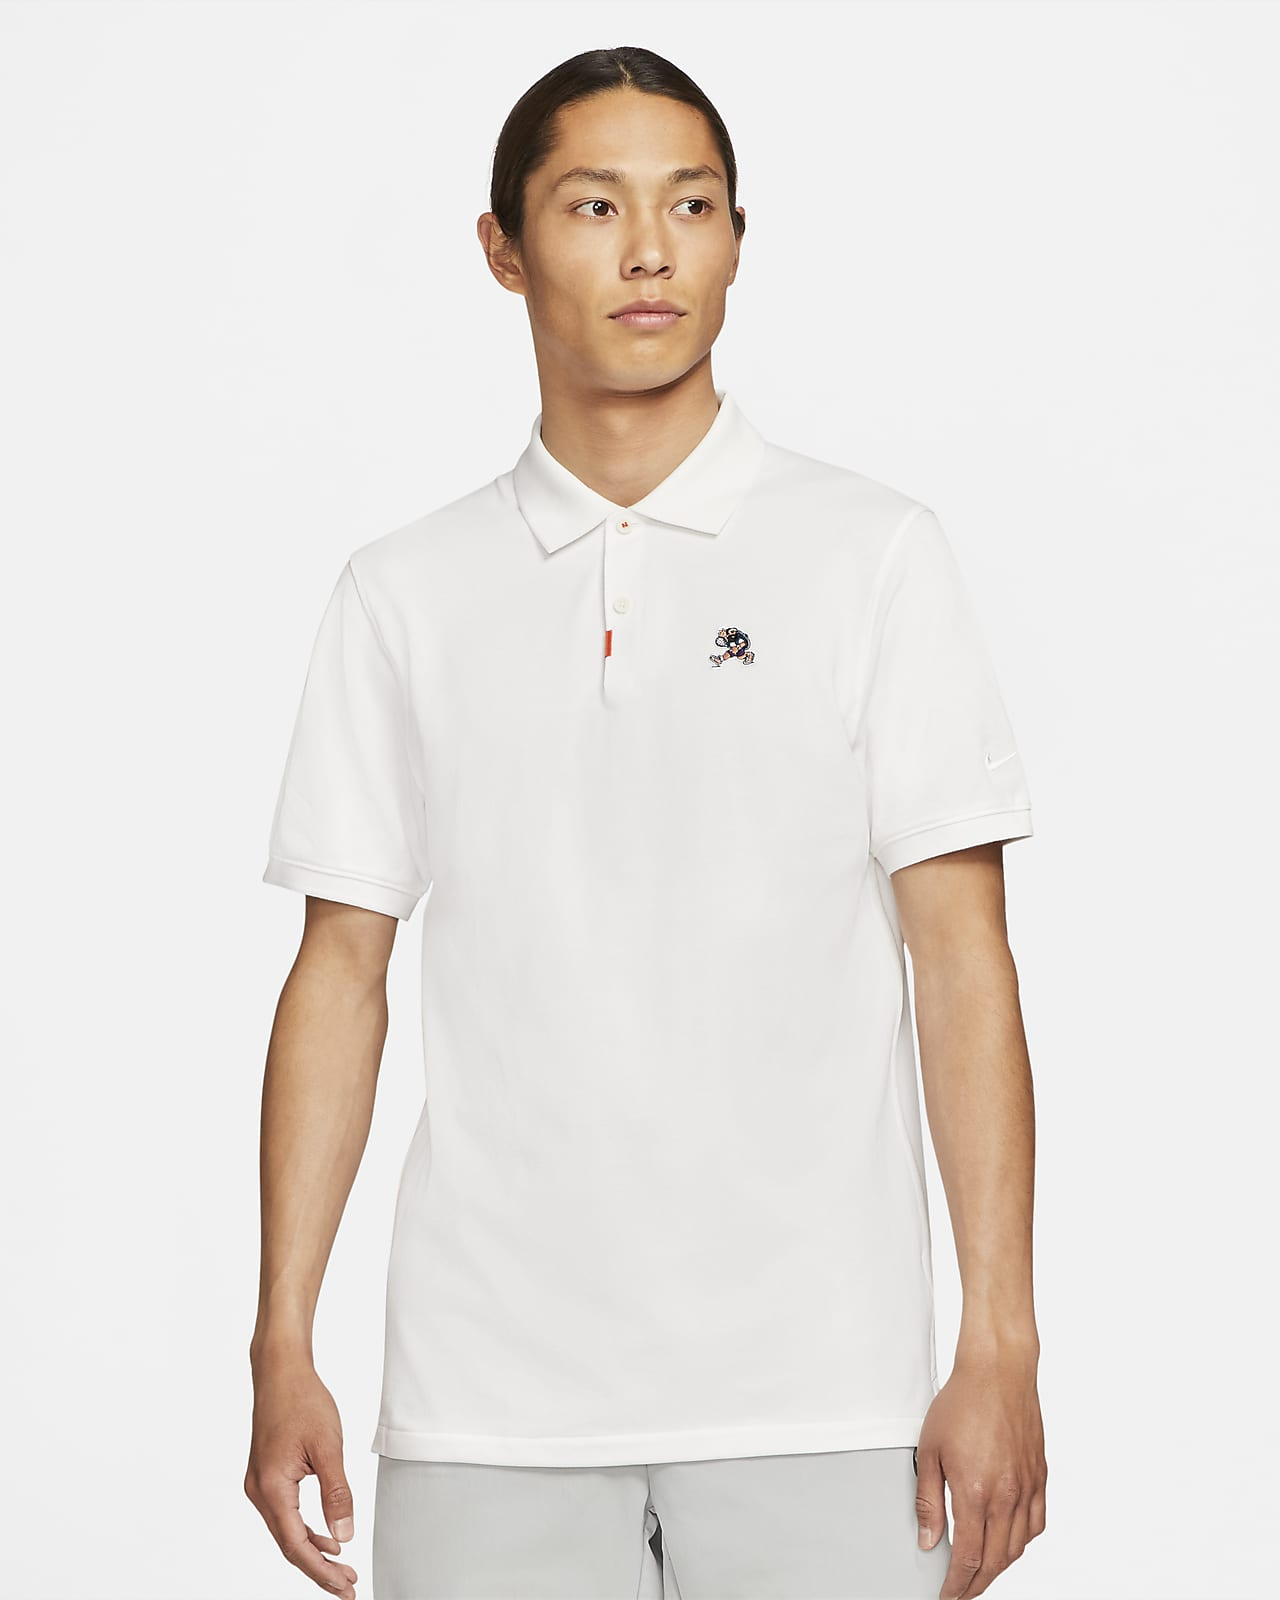 Polo de ajuste entallado para hombre The Nike Polo